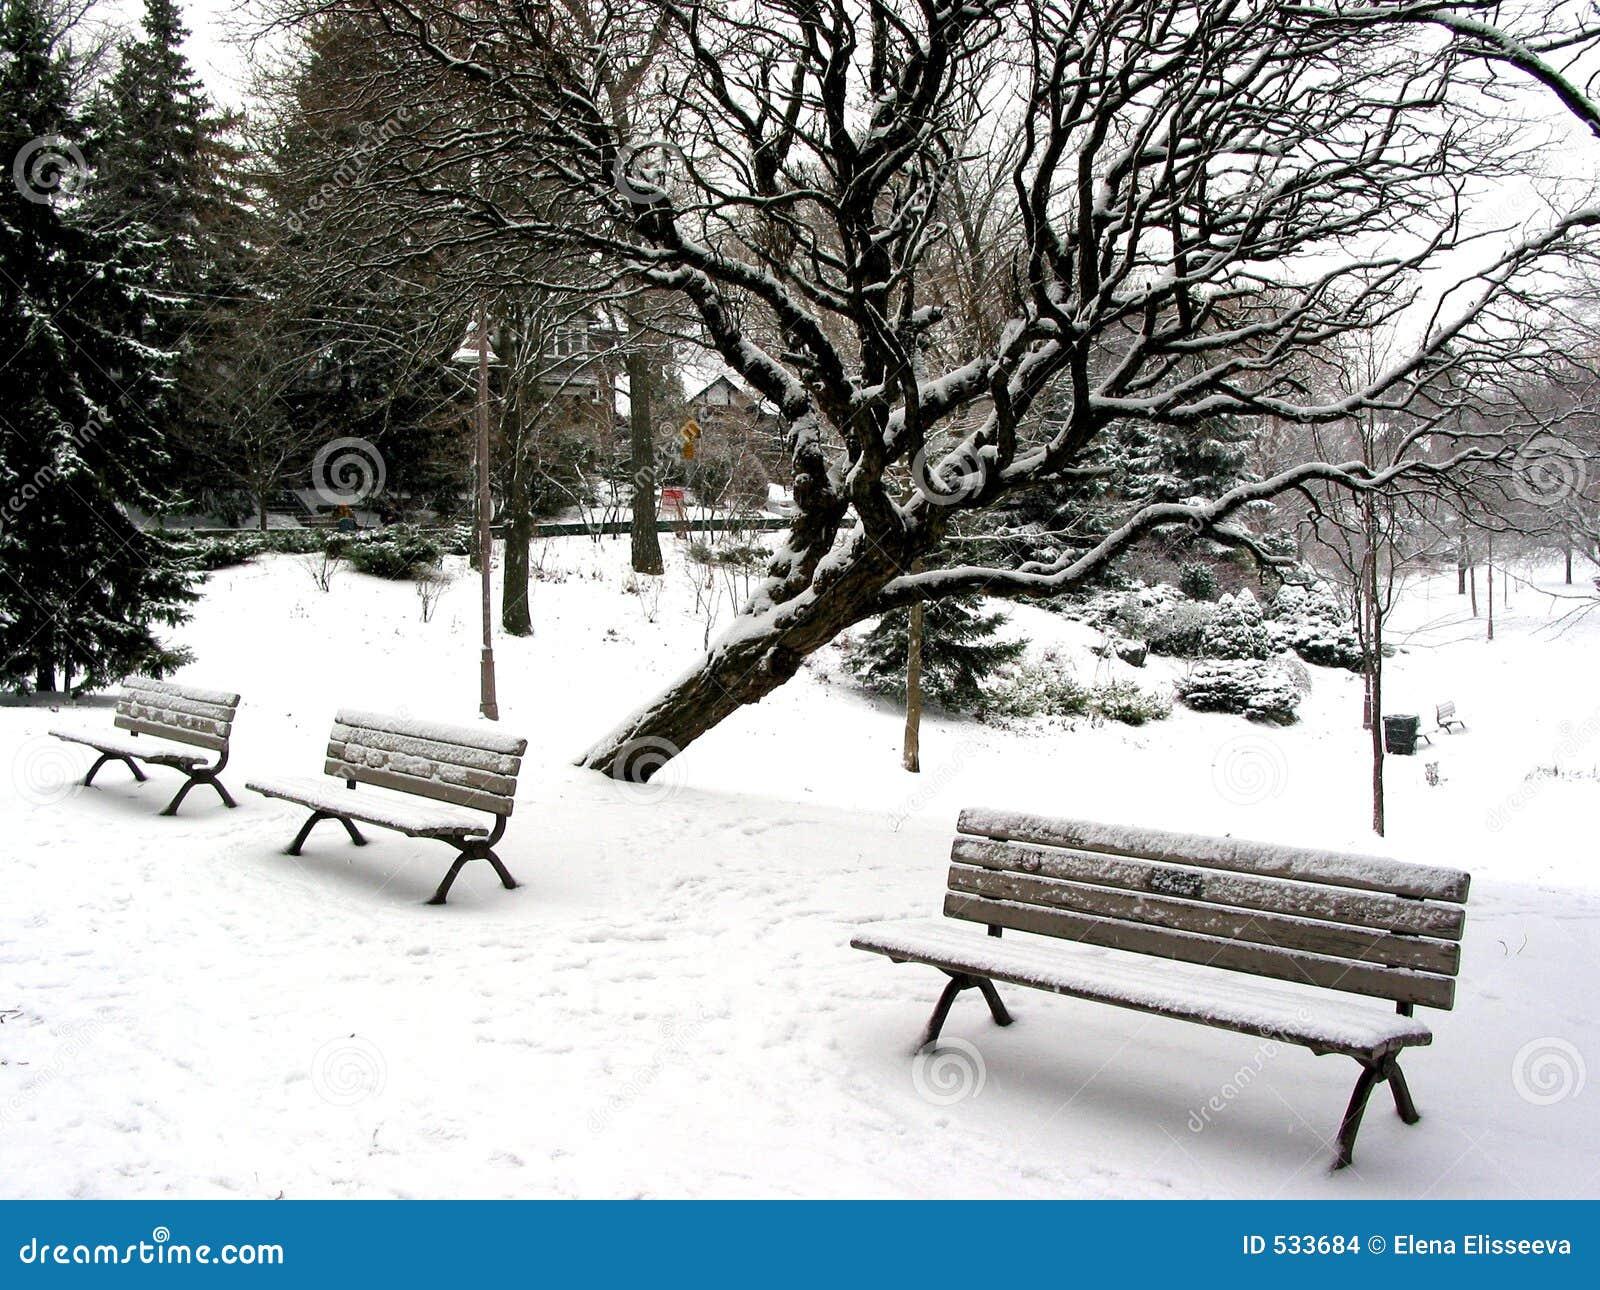 Download 把冬天换下场 库存照片. 图片 包括有 季节, 公园, 冷颤, 雪花, 风暴, 冻结, 冬天, 结构树, 降雪 - 533684